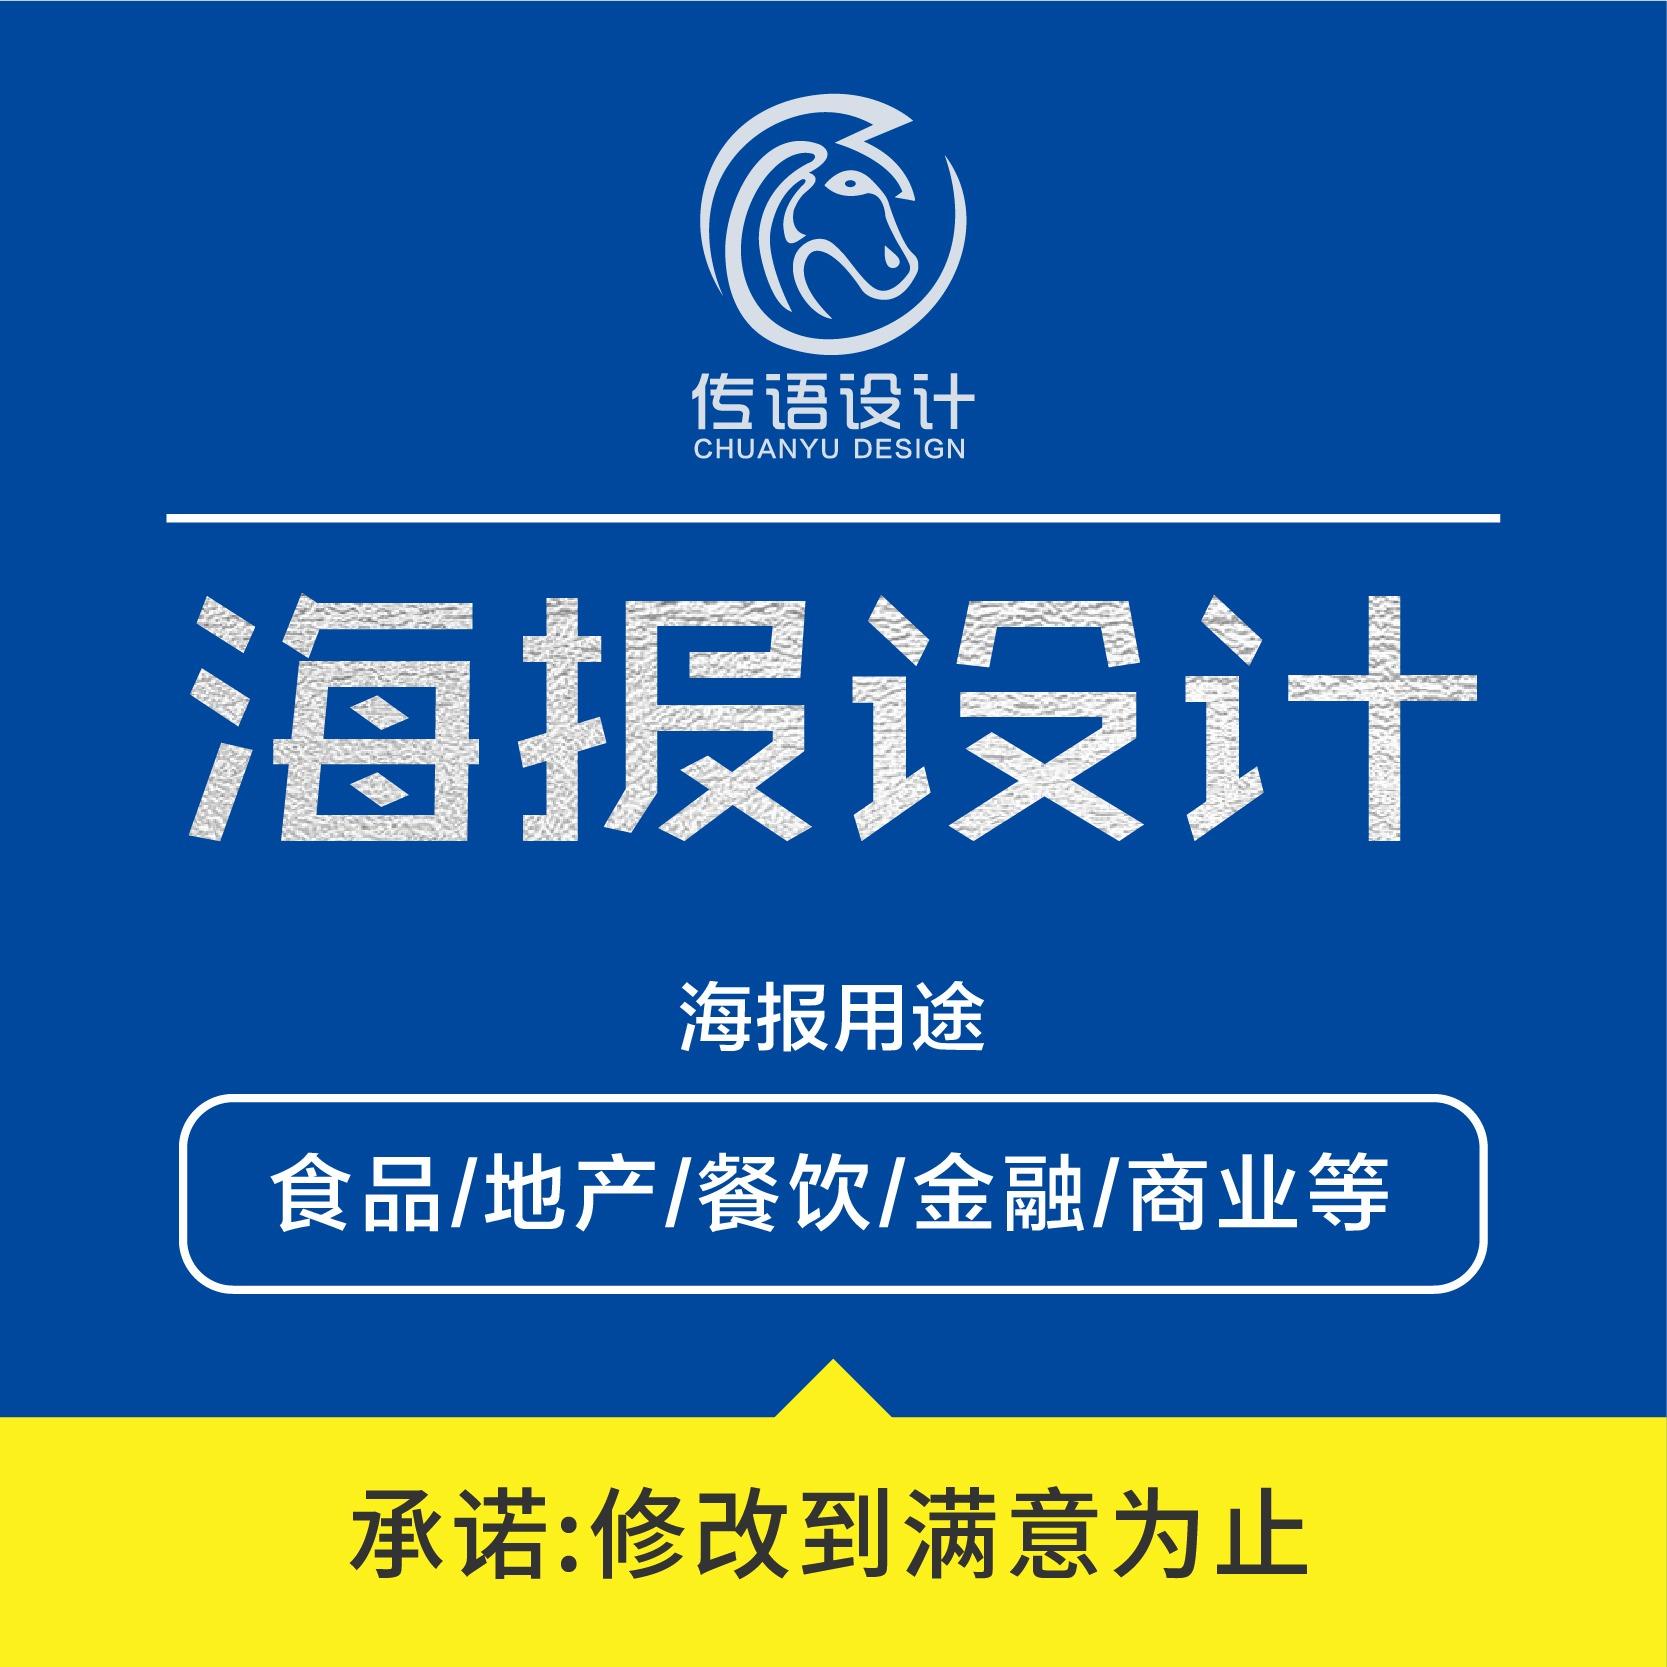 海报设计【食品/地产/餐饮/化妆品/金融/商业】